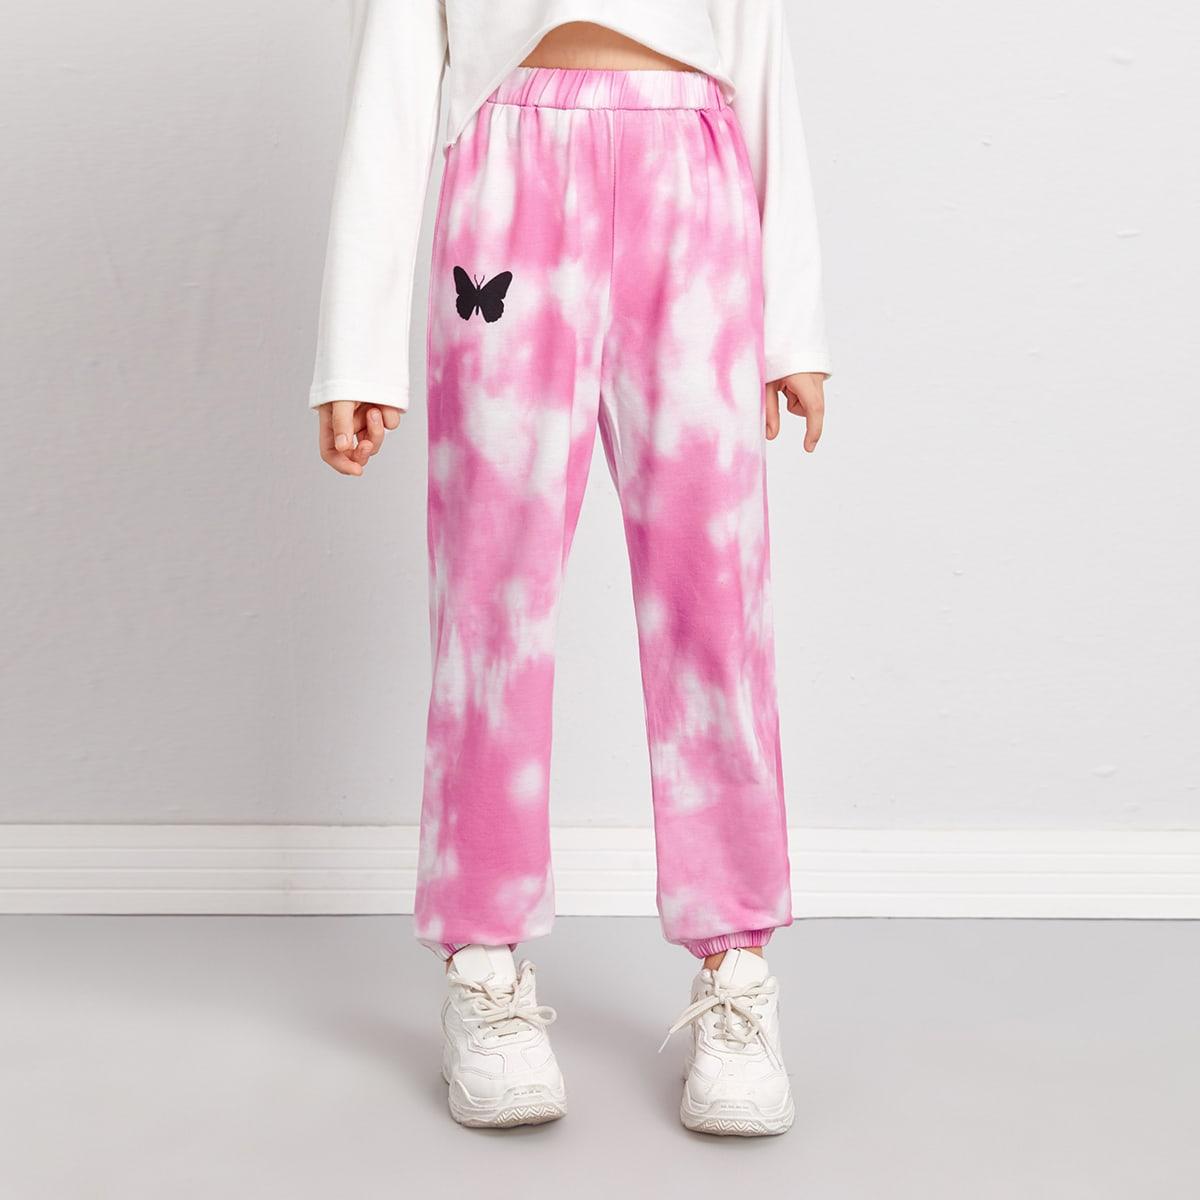 Спортивные брюки с принтом тай дай и бабочки для девочек